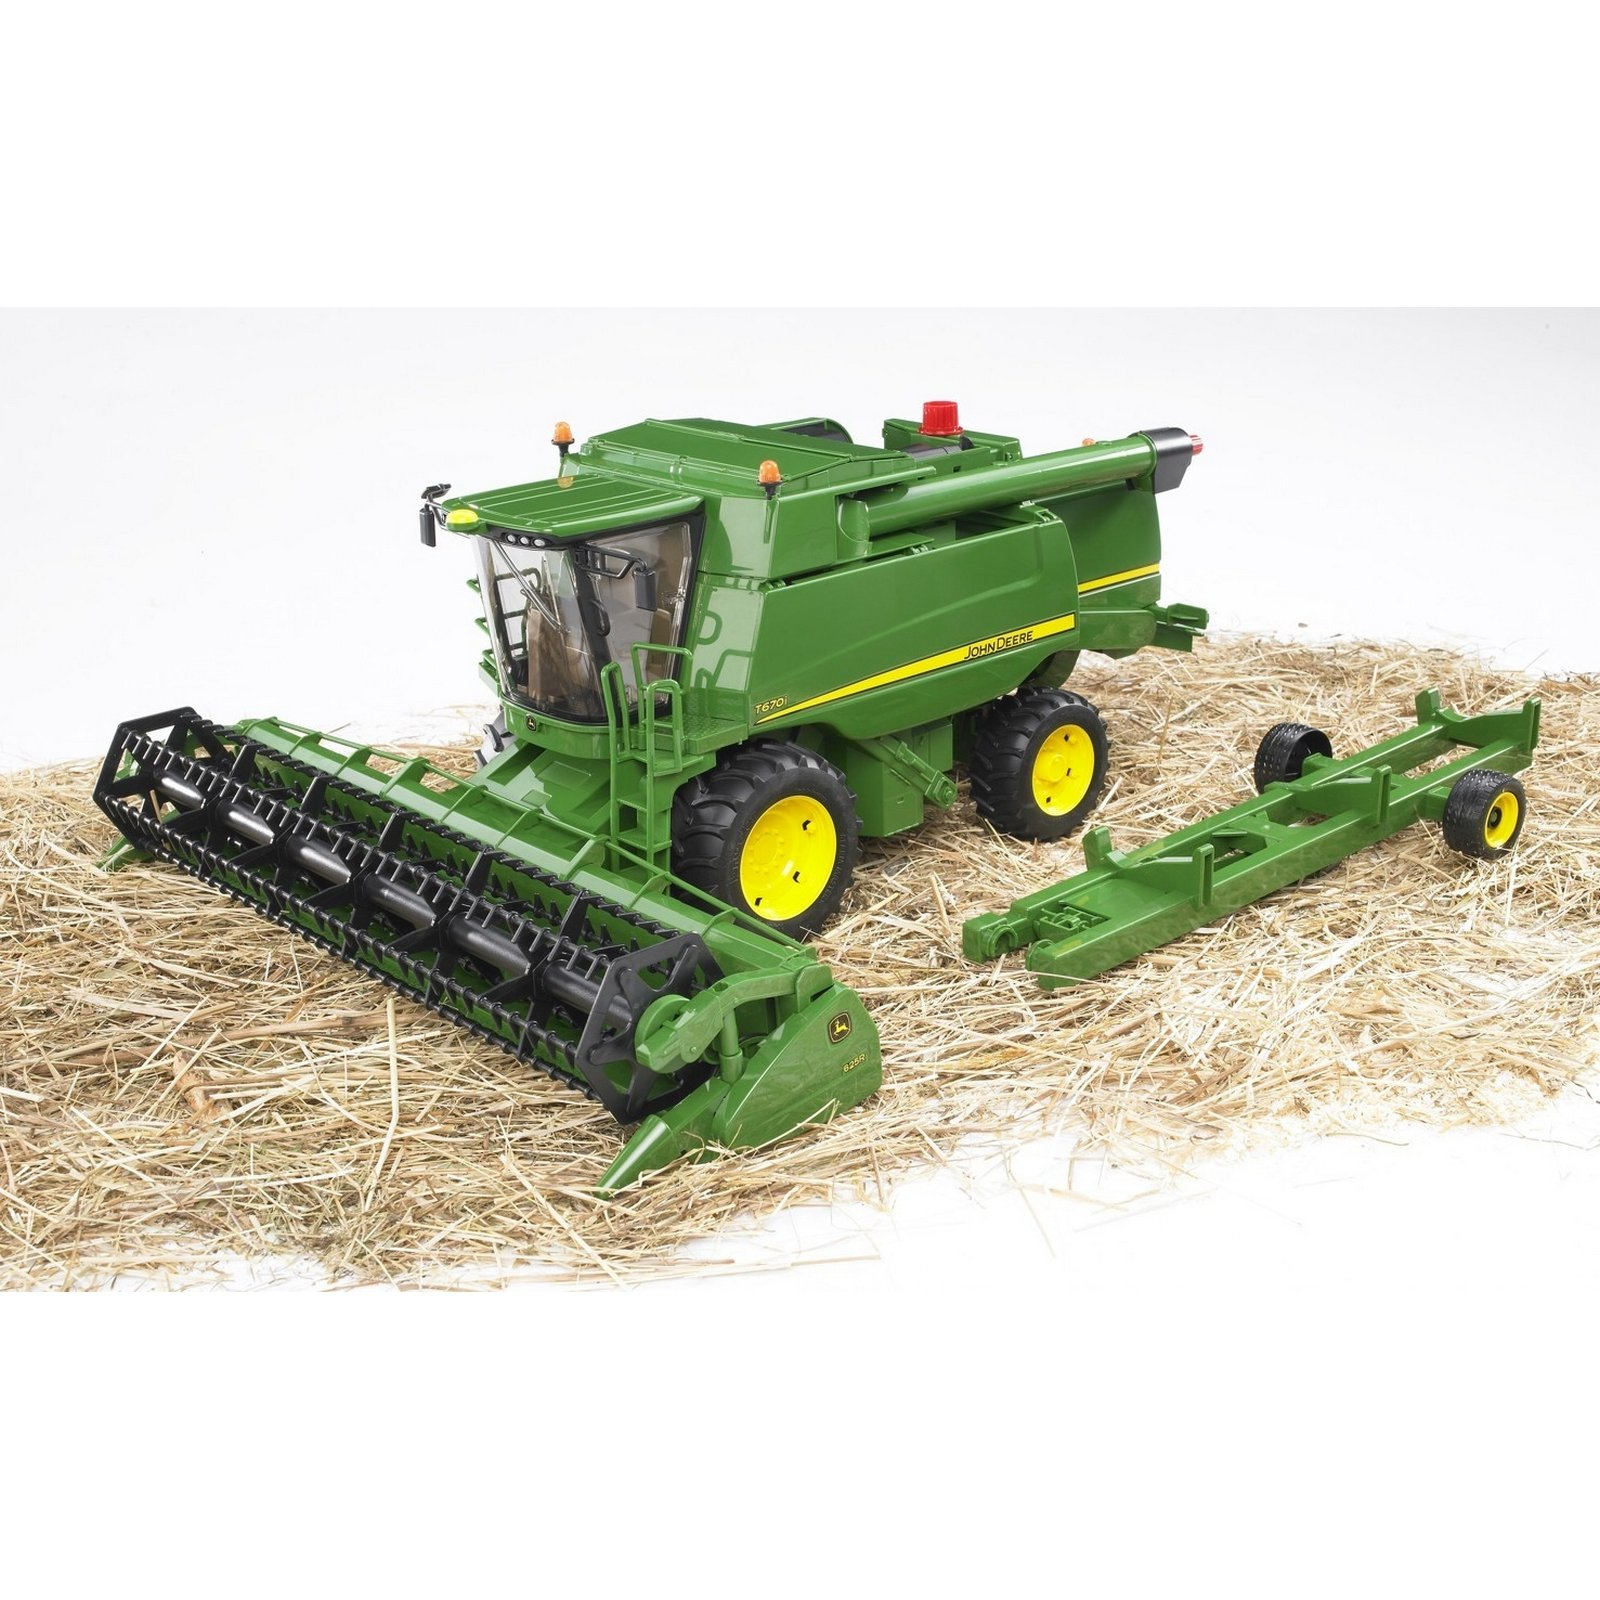 Bruder John Deere Combine Harvester T670i BRUDER_m_02132_0.jpg